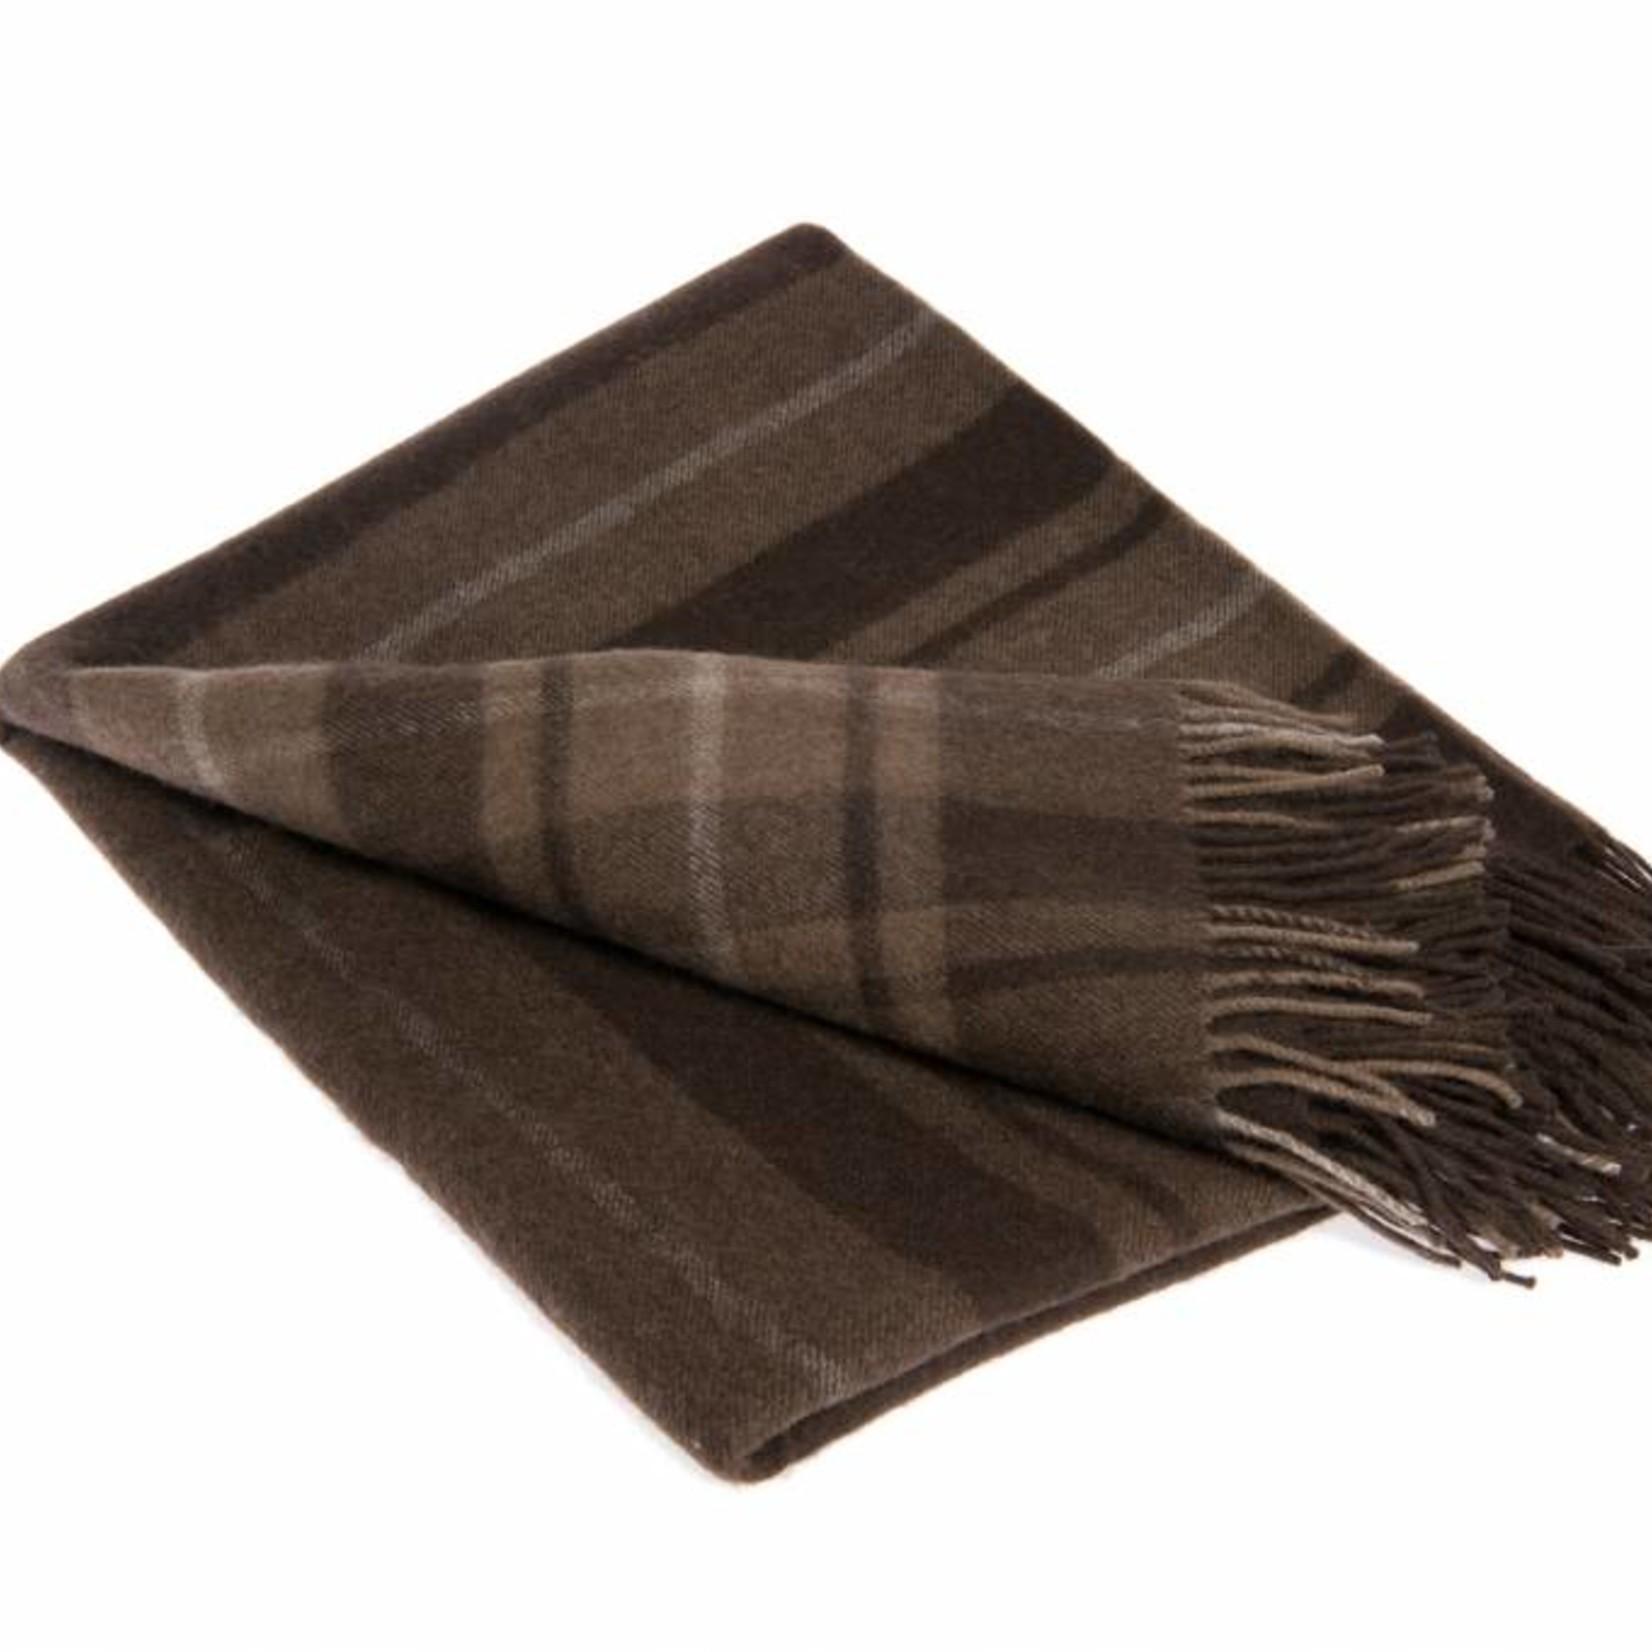 Mongoltextile - Decke aus Yakwolle - braun mit Streifen